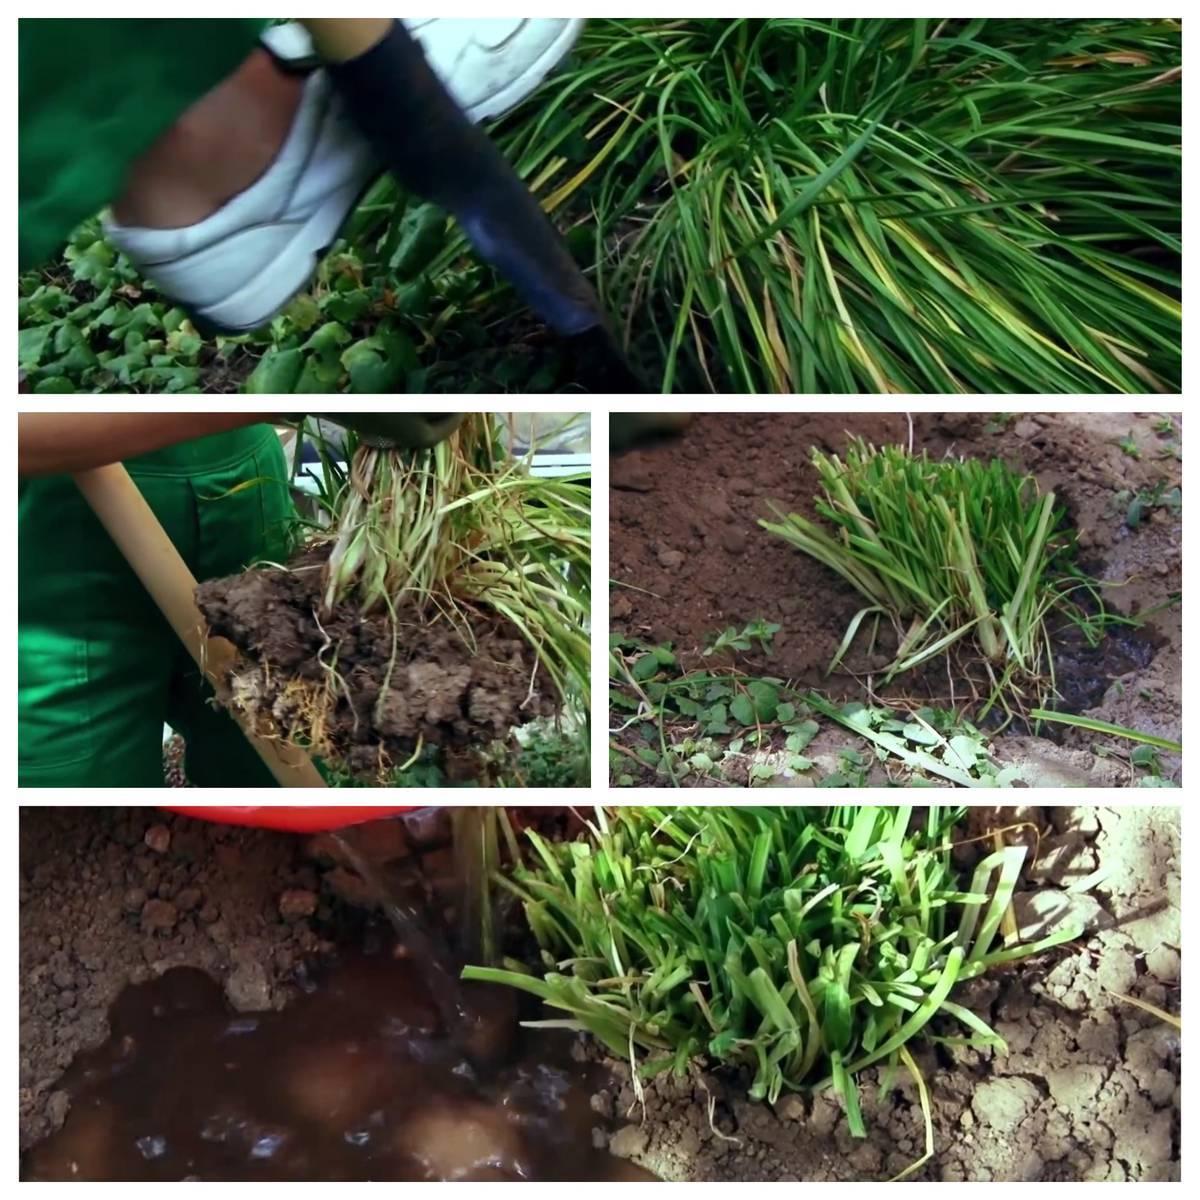 Цветок лилейник – посадка и уход в открытом грунте, фото лилейника, пересадка и размножение лилейников